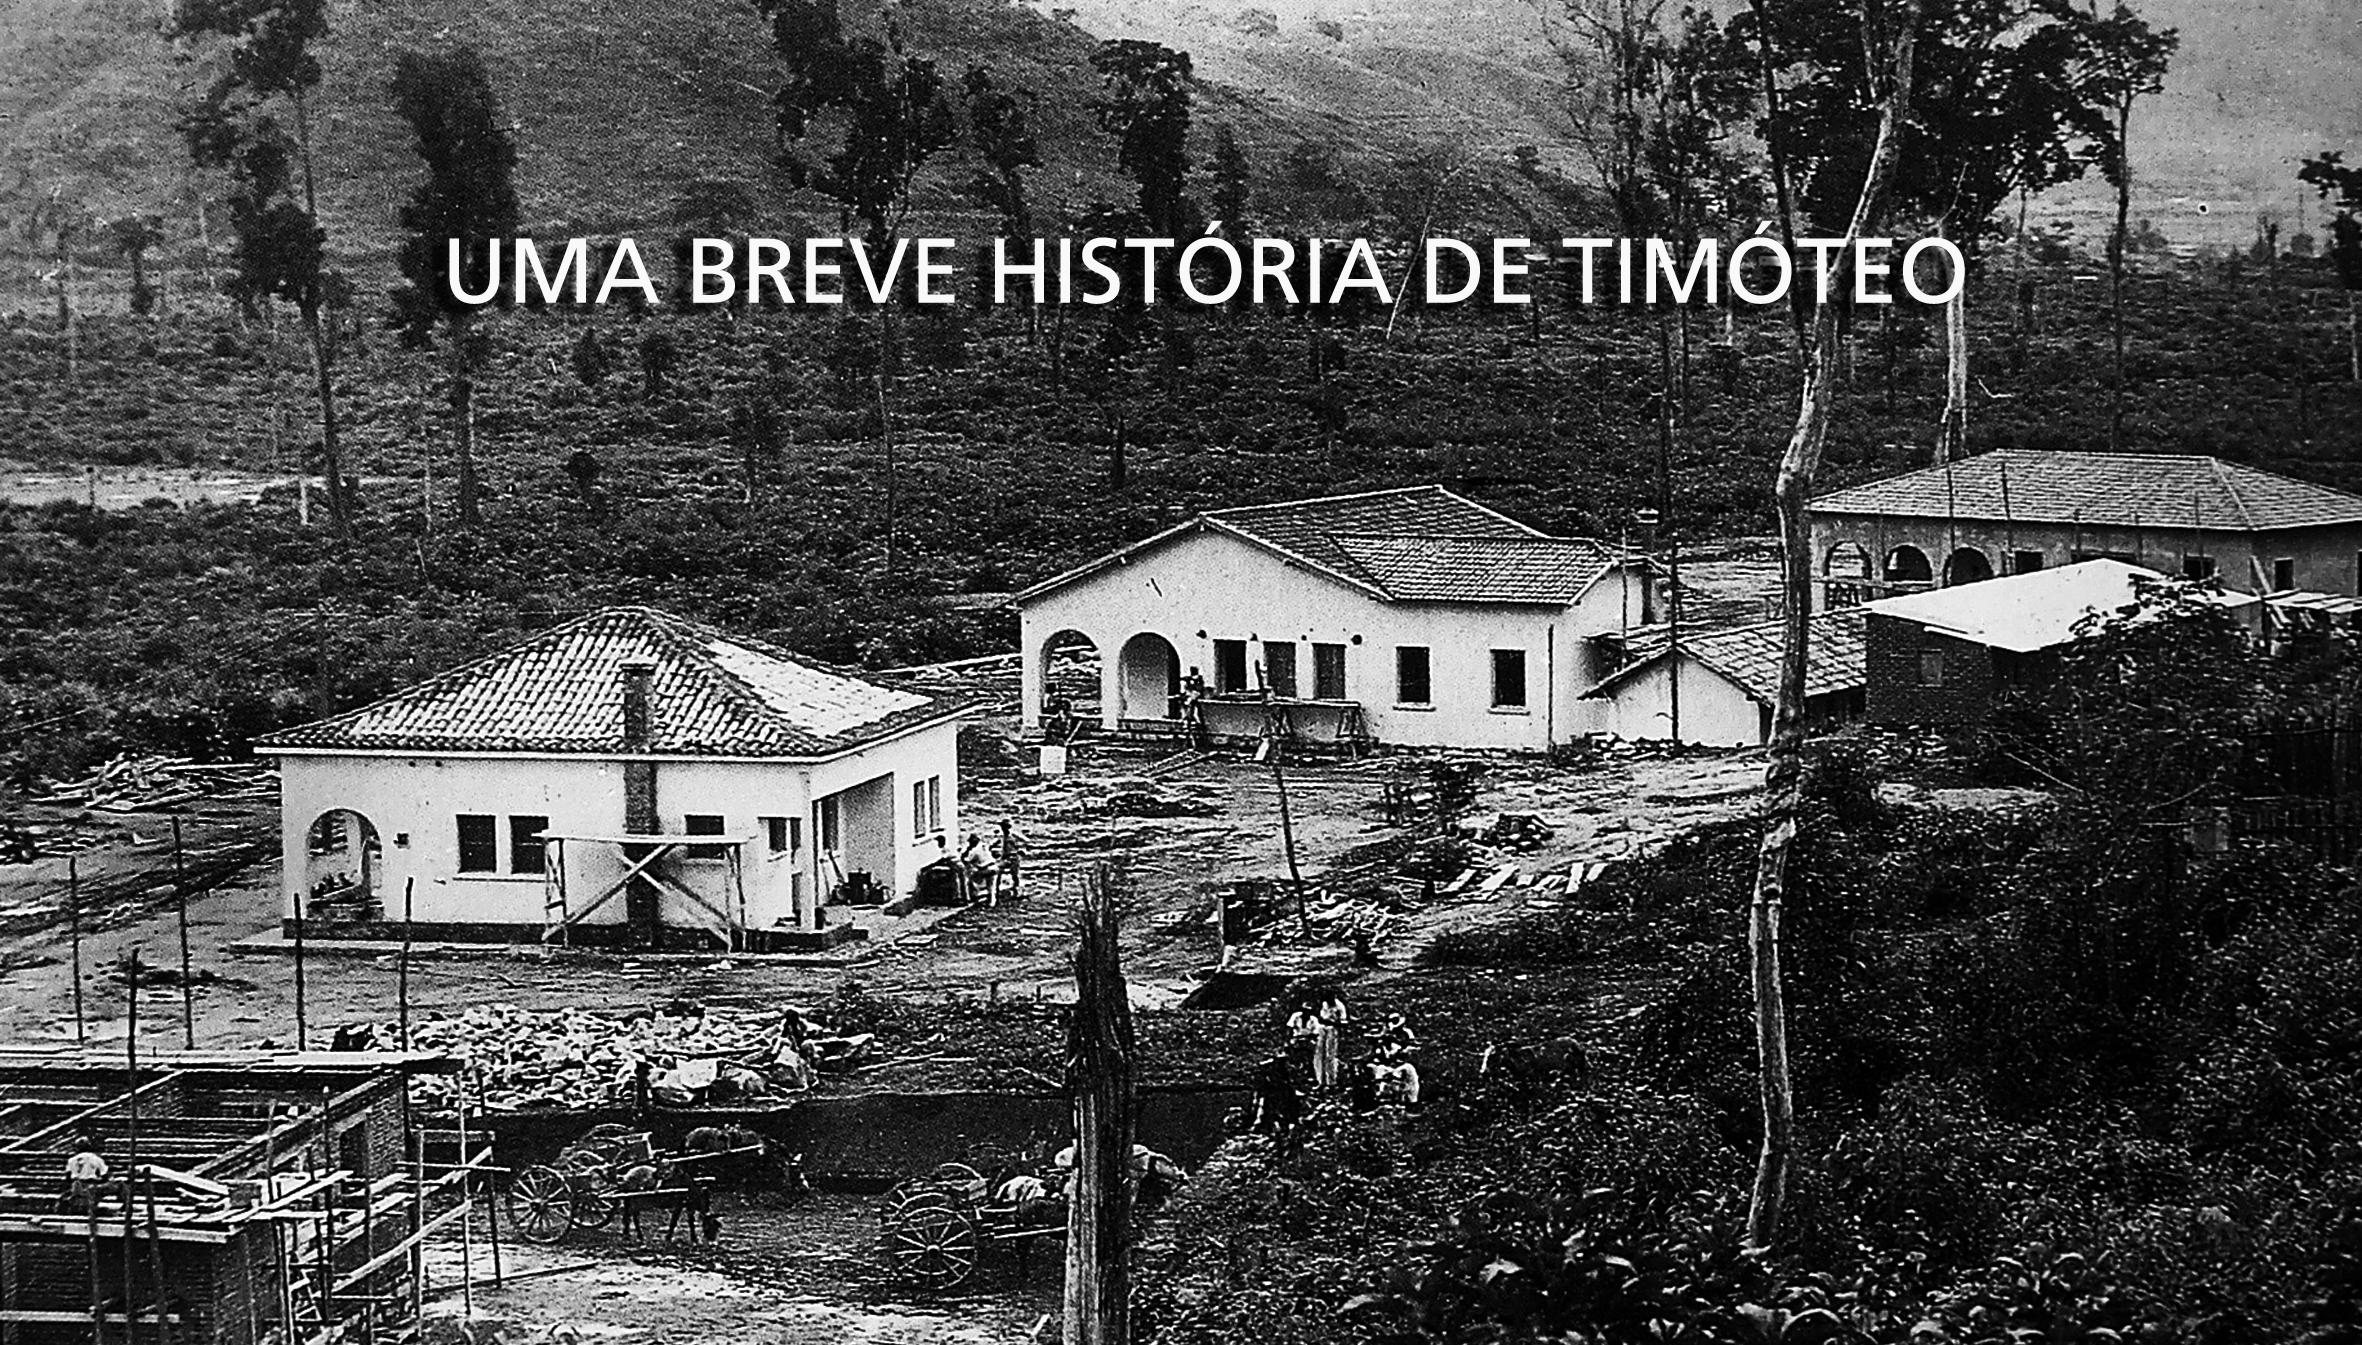 Uma breve história de Timóteo